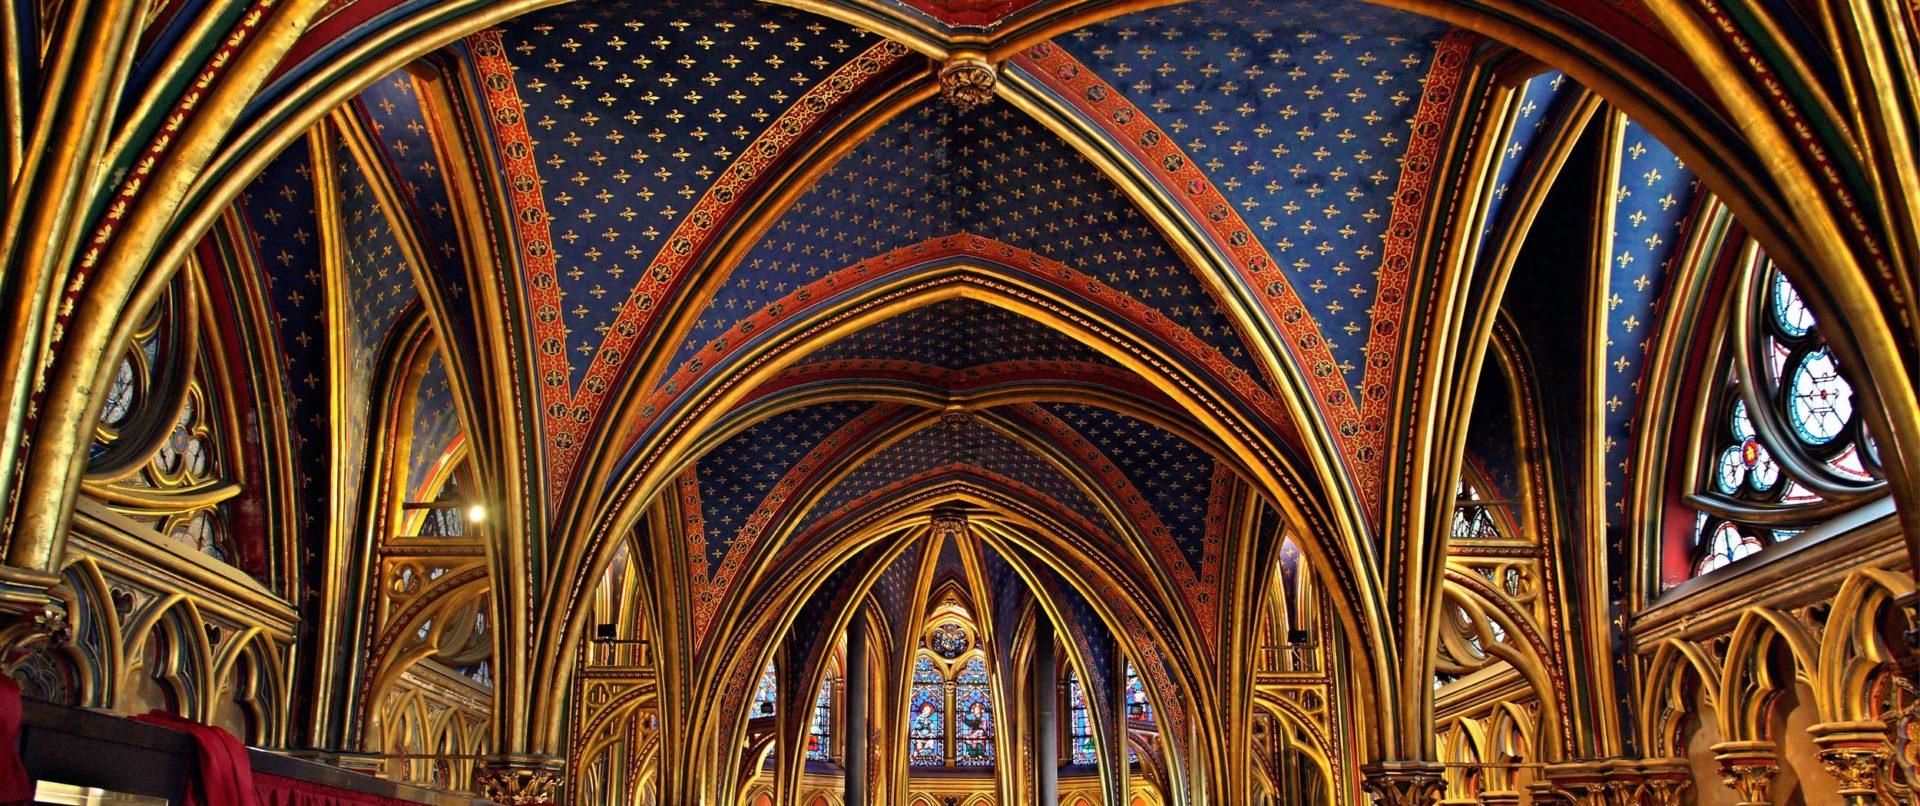 paris-kids-tour-private-sainte-chapelle-medieval